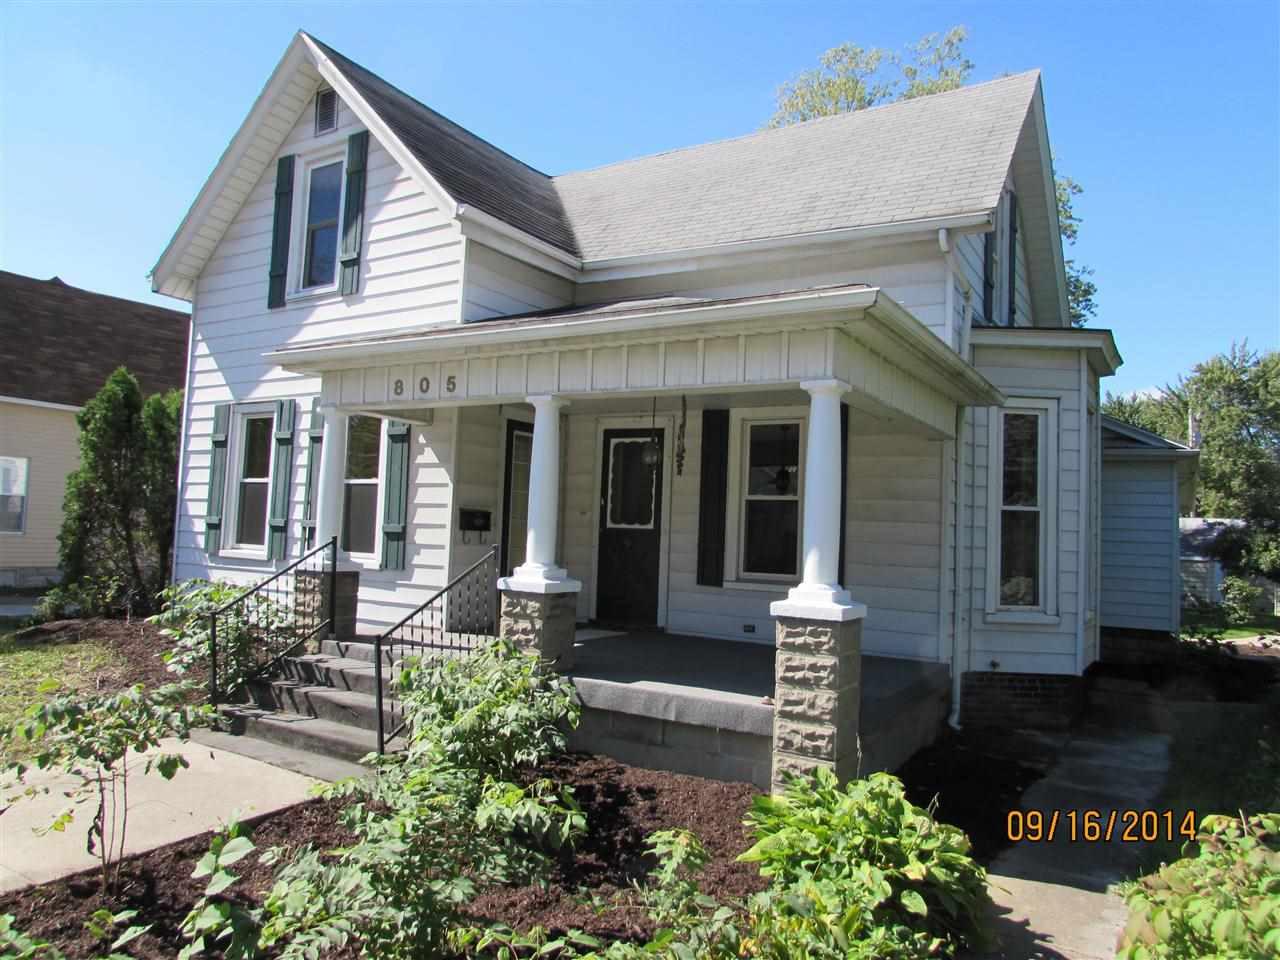 805 S Main St Goshen, IN 46526